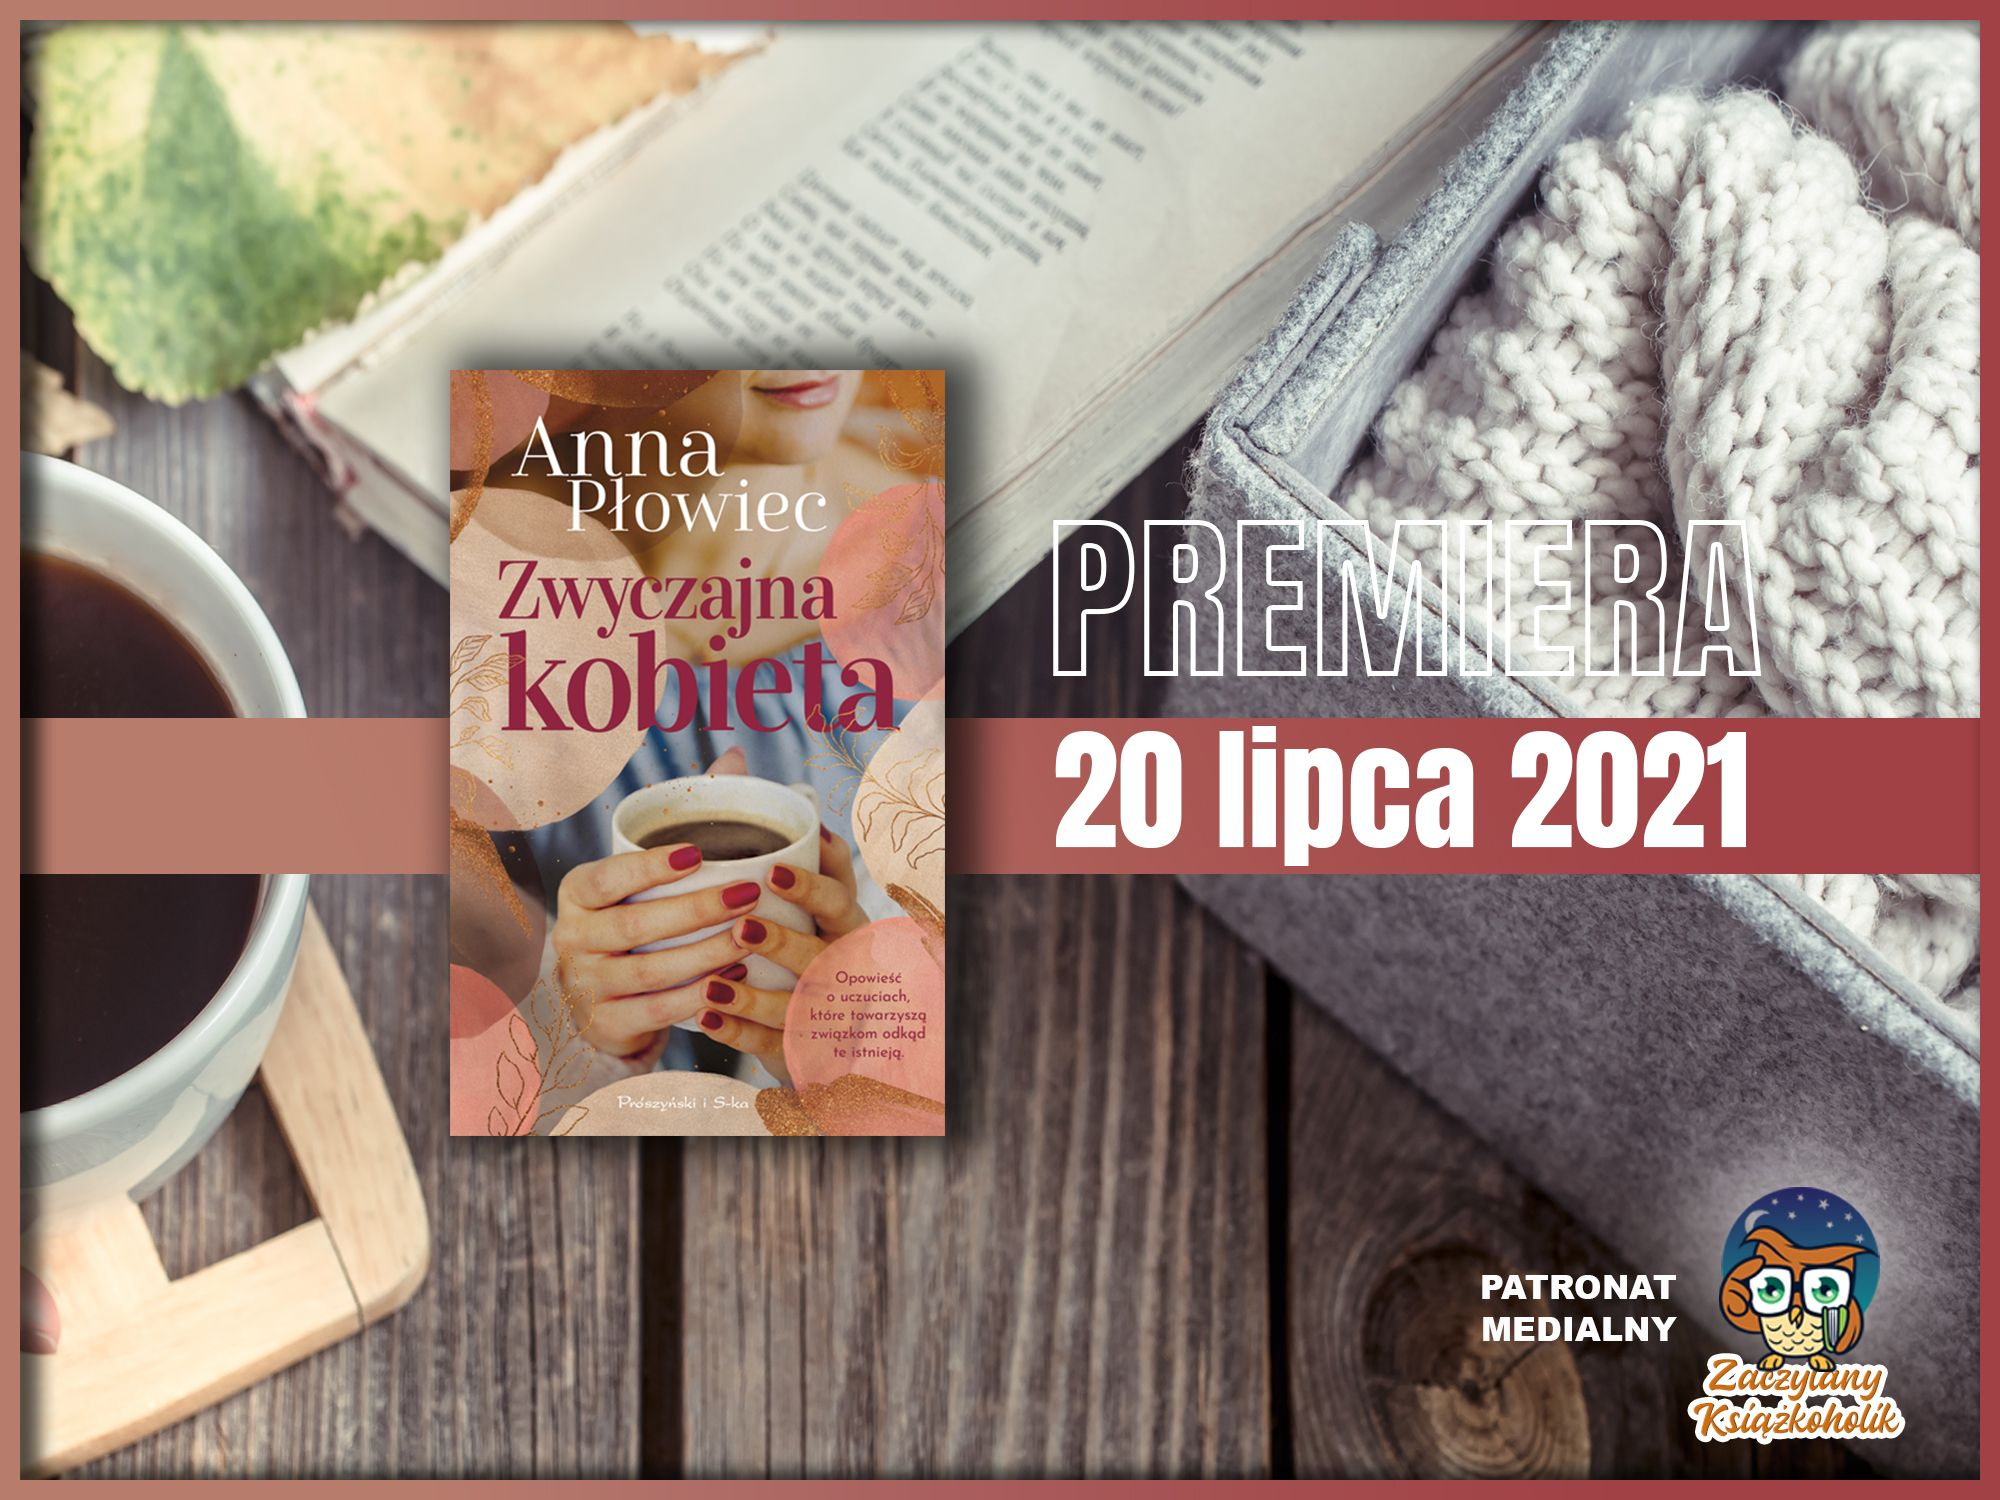 Zwyczajna kobieta, Anna Płowiec, zaczytanyksiazkoholik.pl